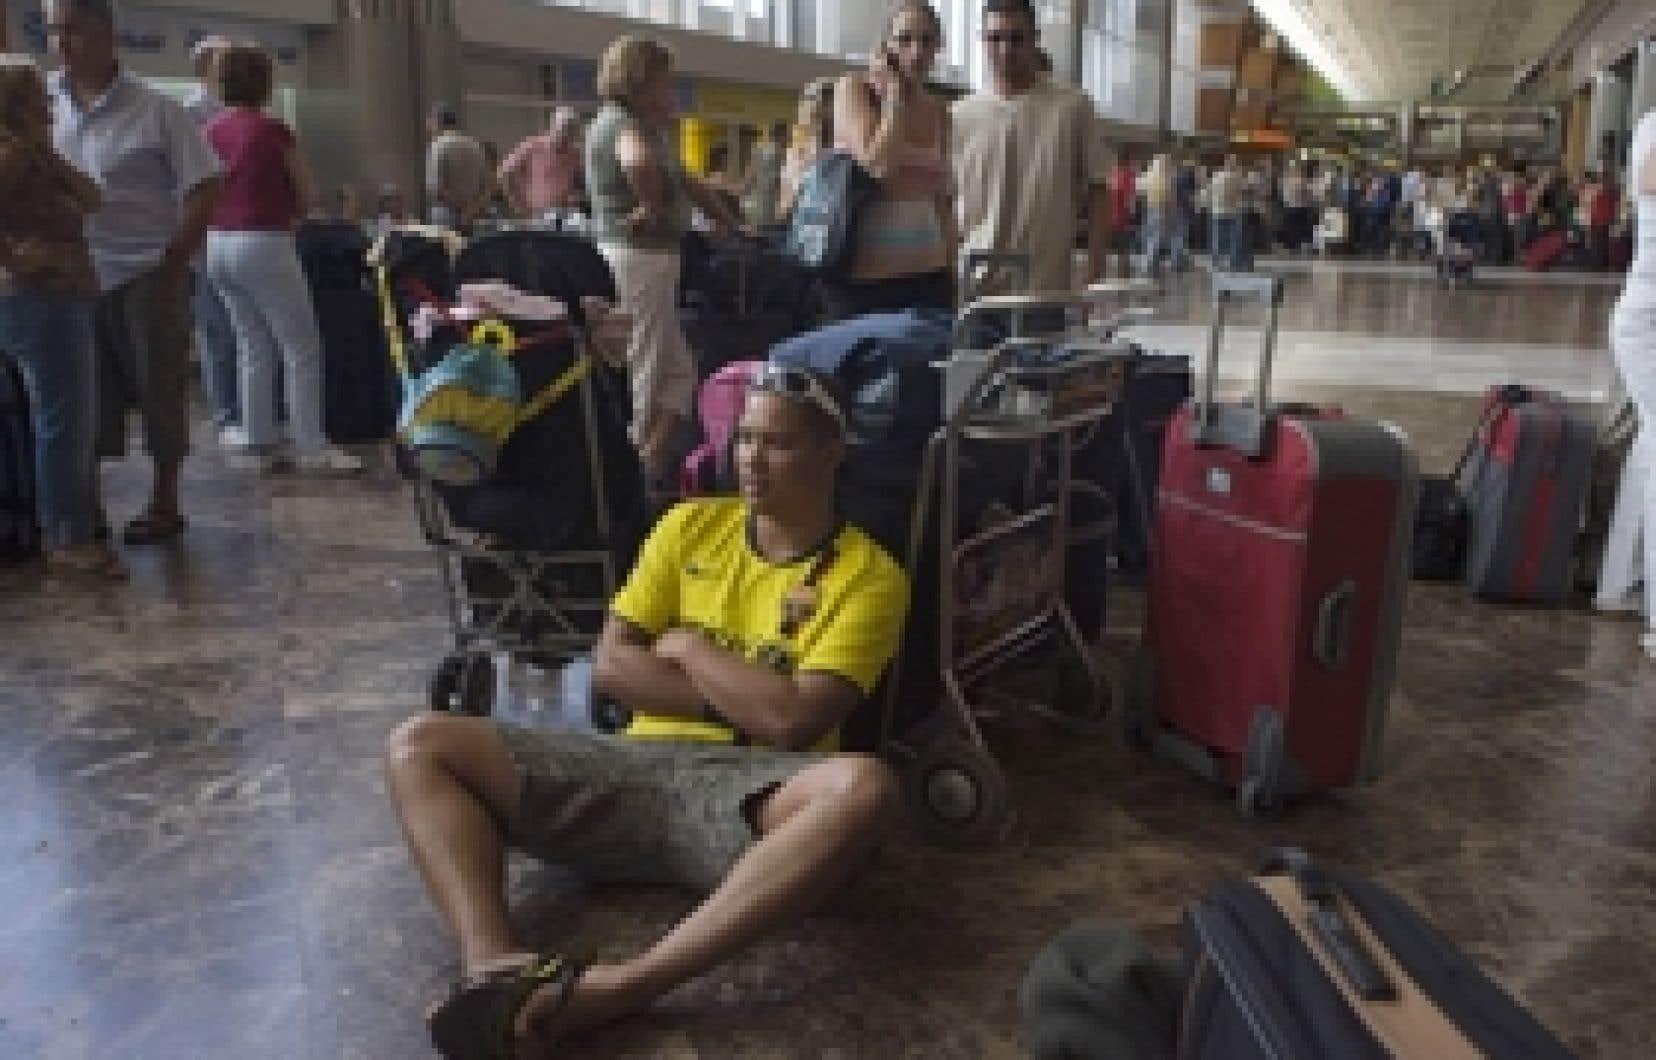 L'arrêt abrupt des activités du voyagiste britannique XL Airways, hier, a causé bien des tracas à 85 000 passagers bloqués dans différents aéroports. Quelque 200 000 clients ayant des réservations auprès de l'entreprise sont également touch